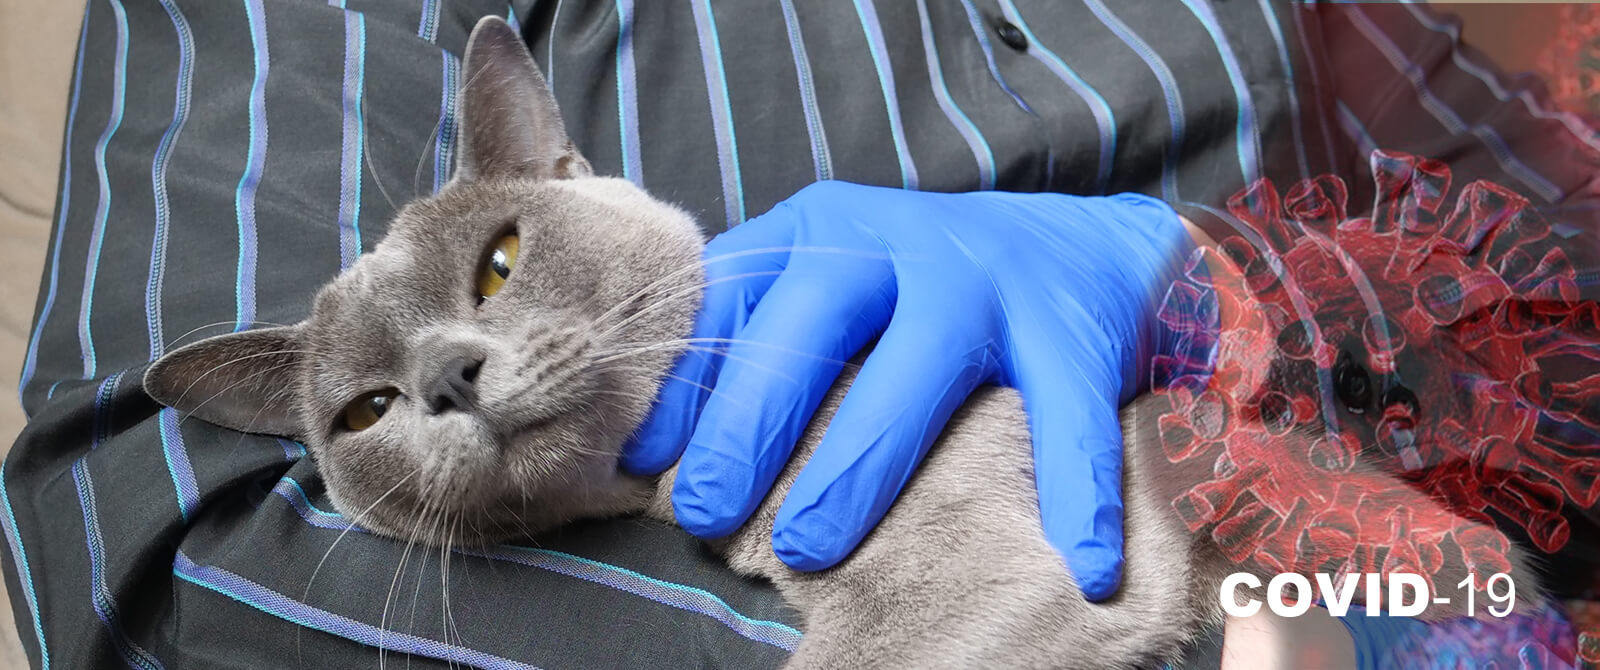 Šeškai ir katės yra jautrūs COVID-19